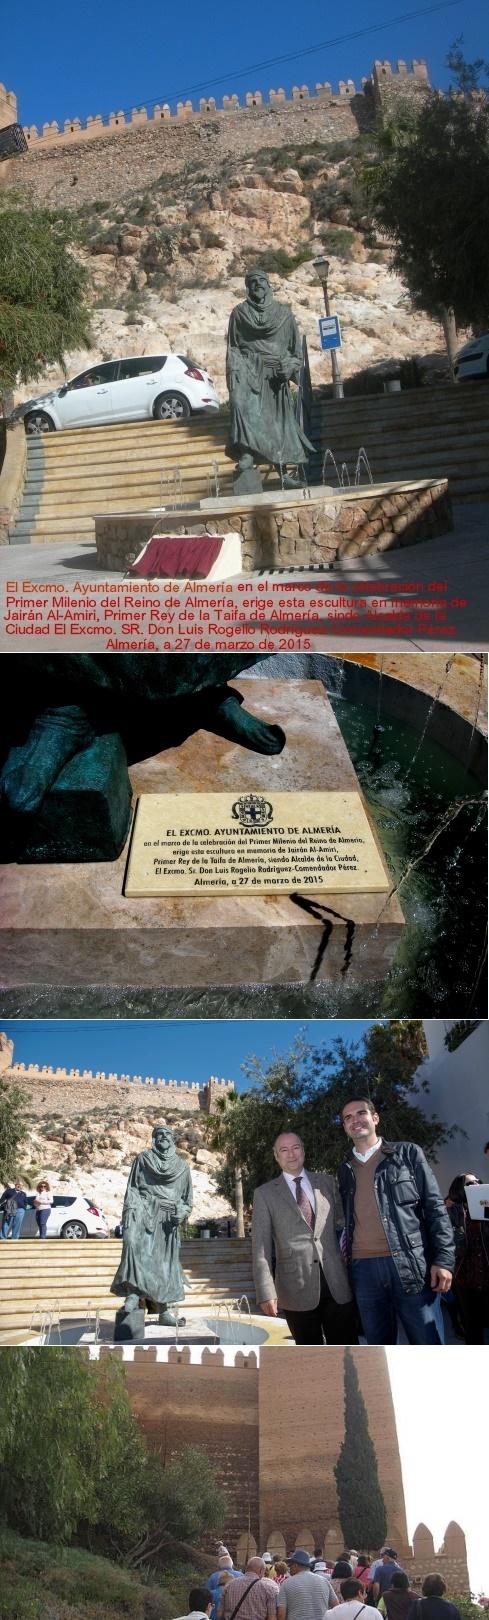 20150608200224-jairan-estatua-placa-en-la-plaza-del-milenio-de-reino-de-almeria-.jpg